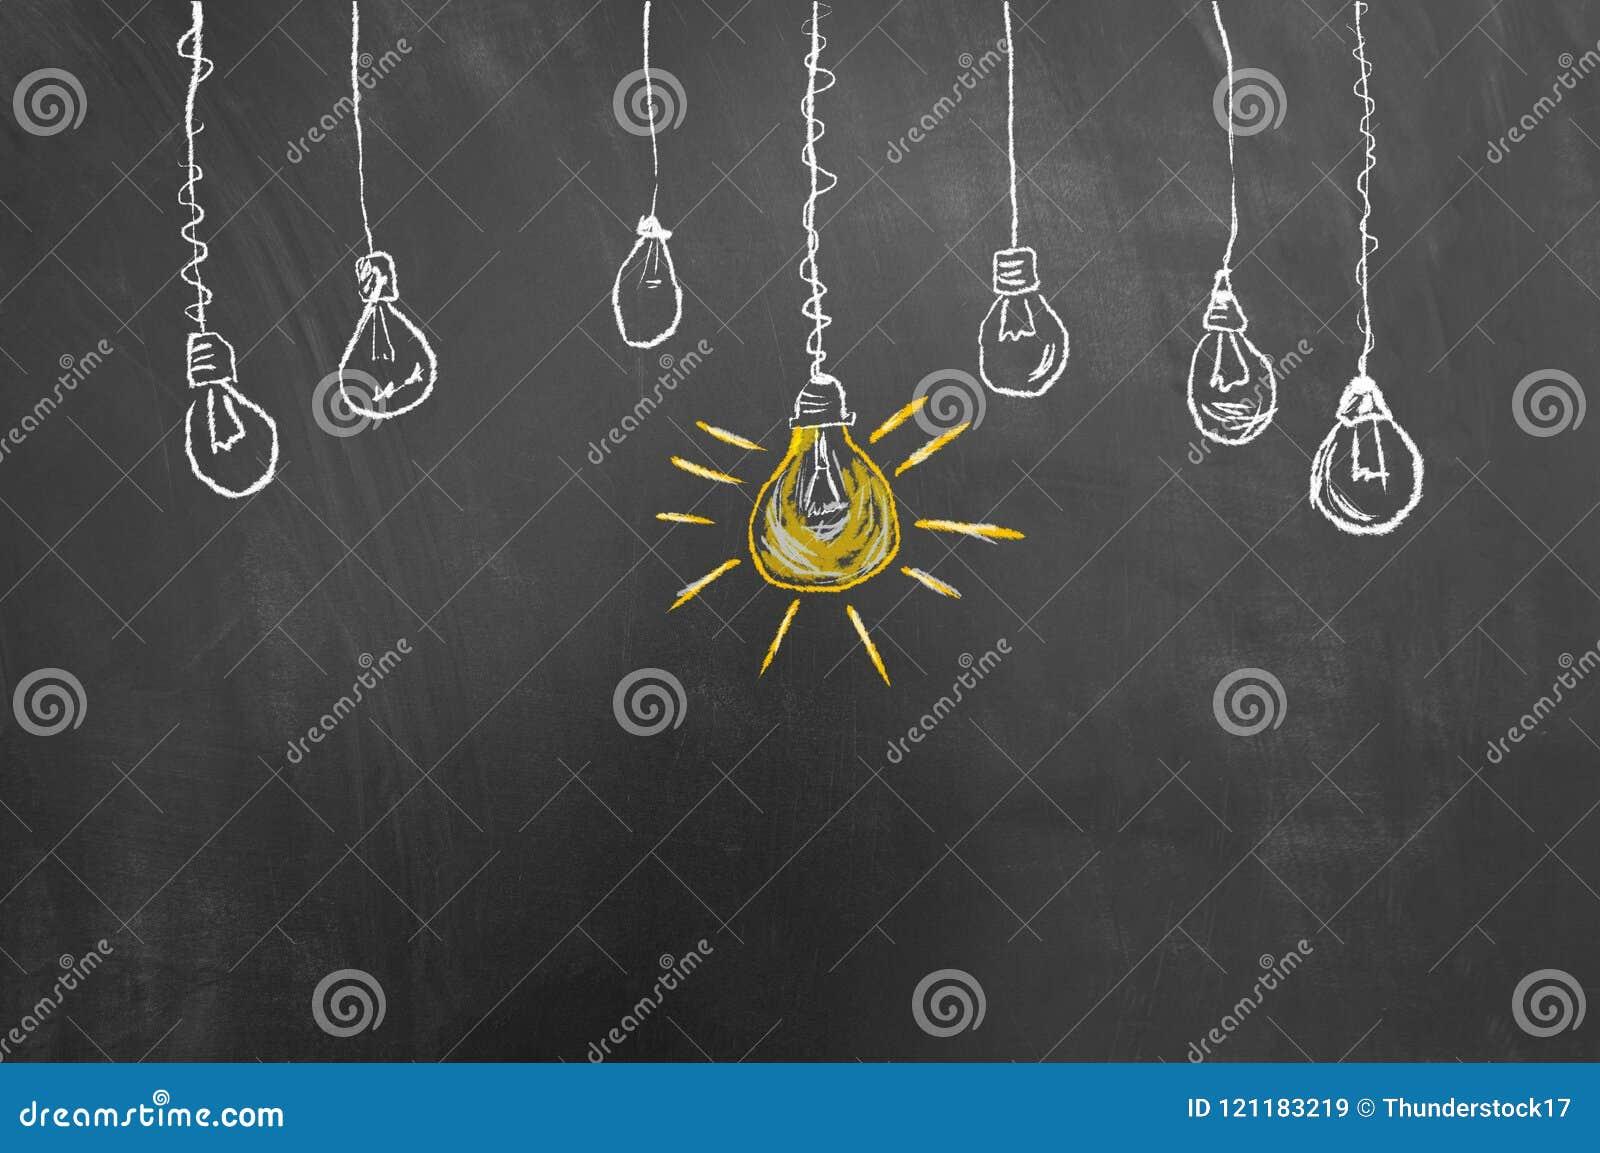 好主意在黑板或黑板的电灯泡图画